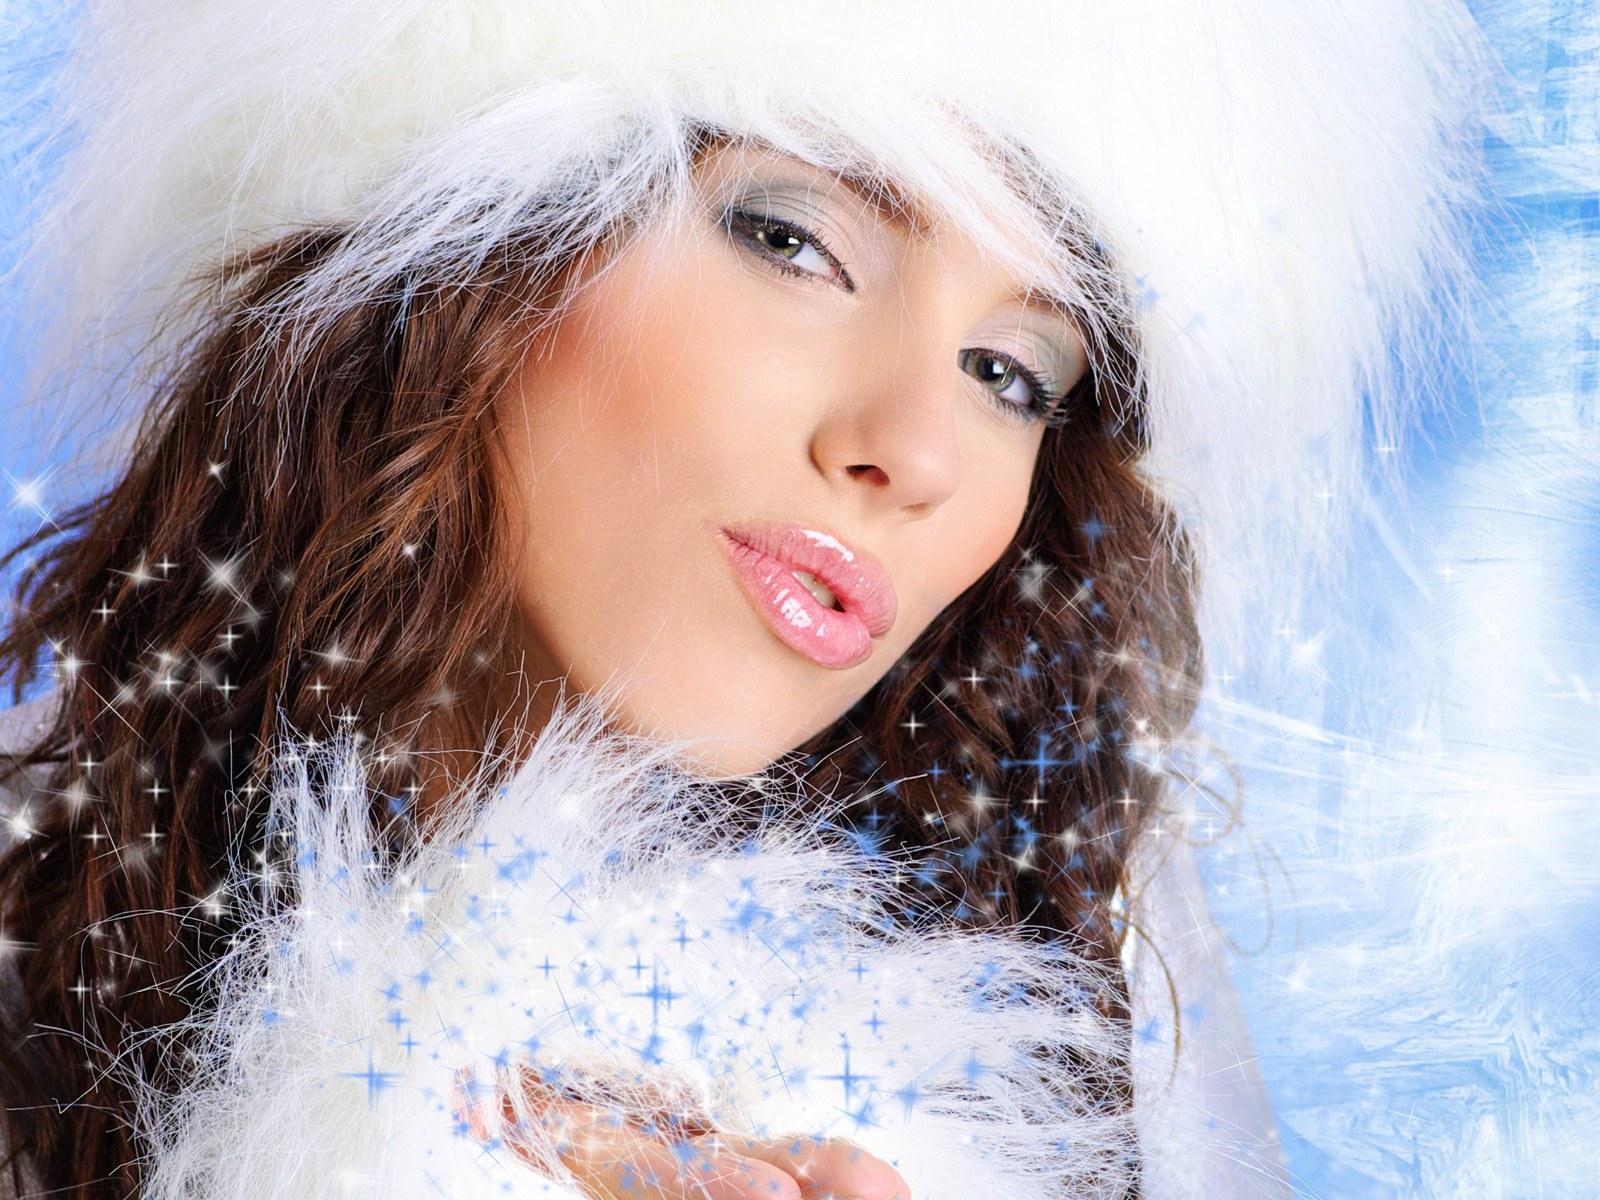 Сексуальная снегурочка фото 22 фотография